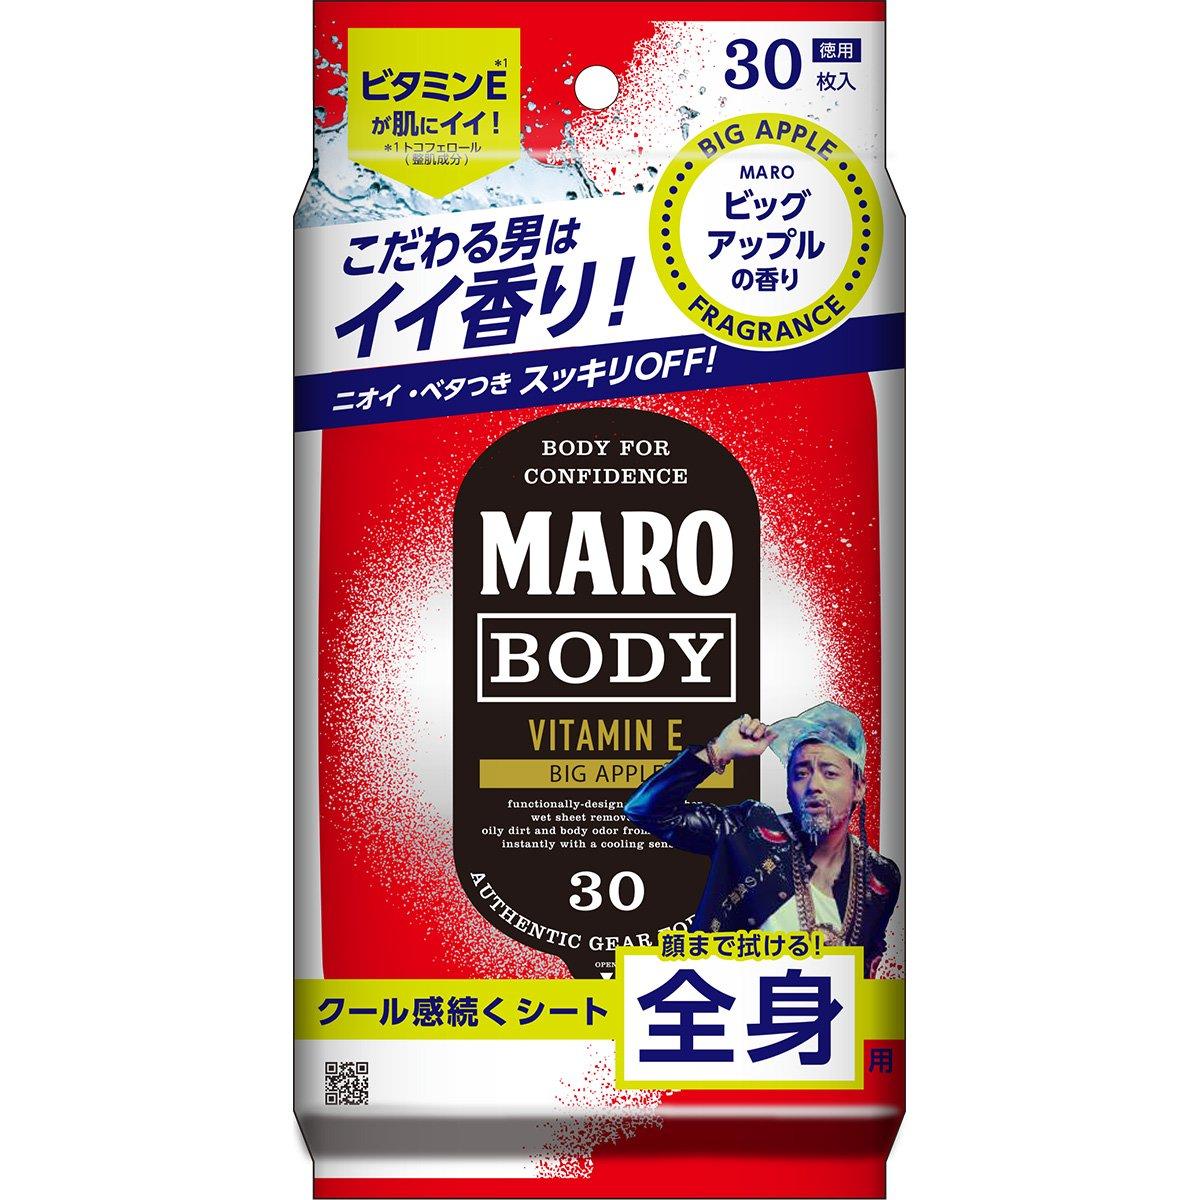 【マーロ】デザインボディシート マンハッタン ビッグアップルの香りのサムネイル